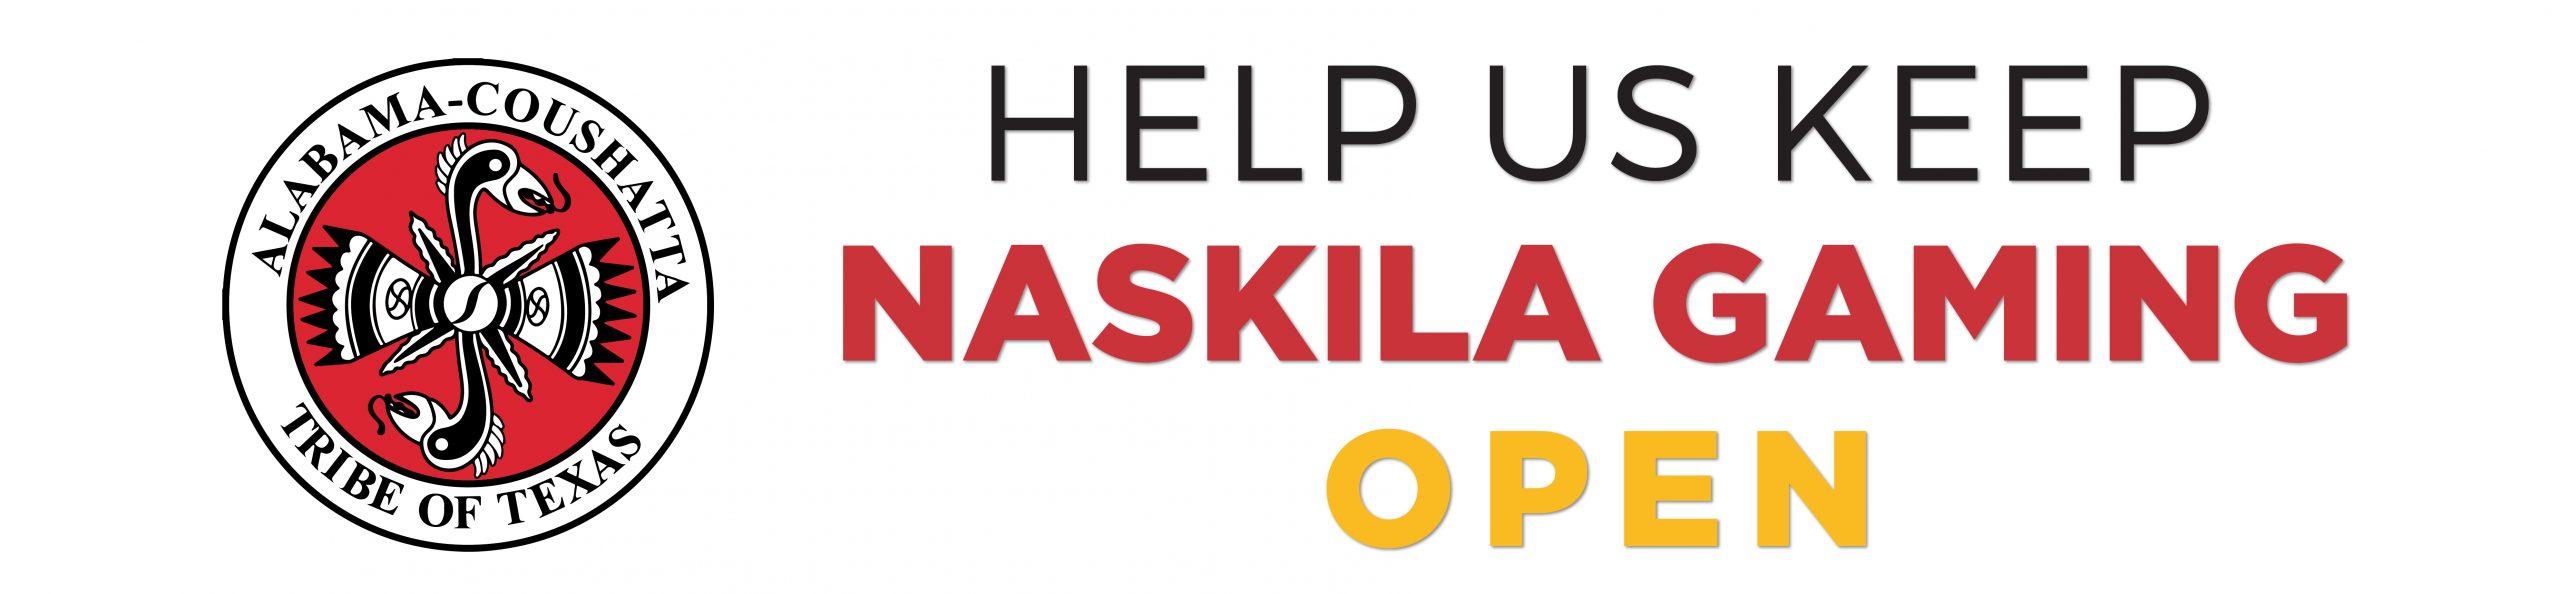 Help us keep Naskila Gaming open